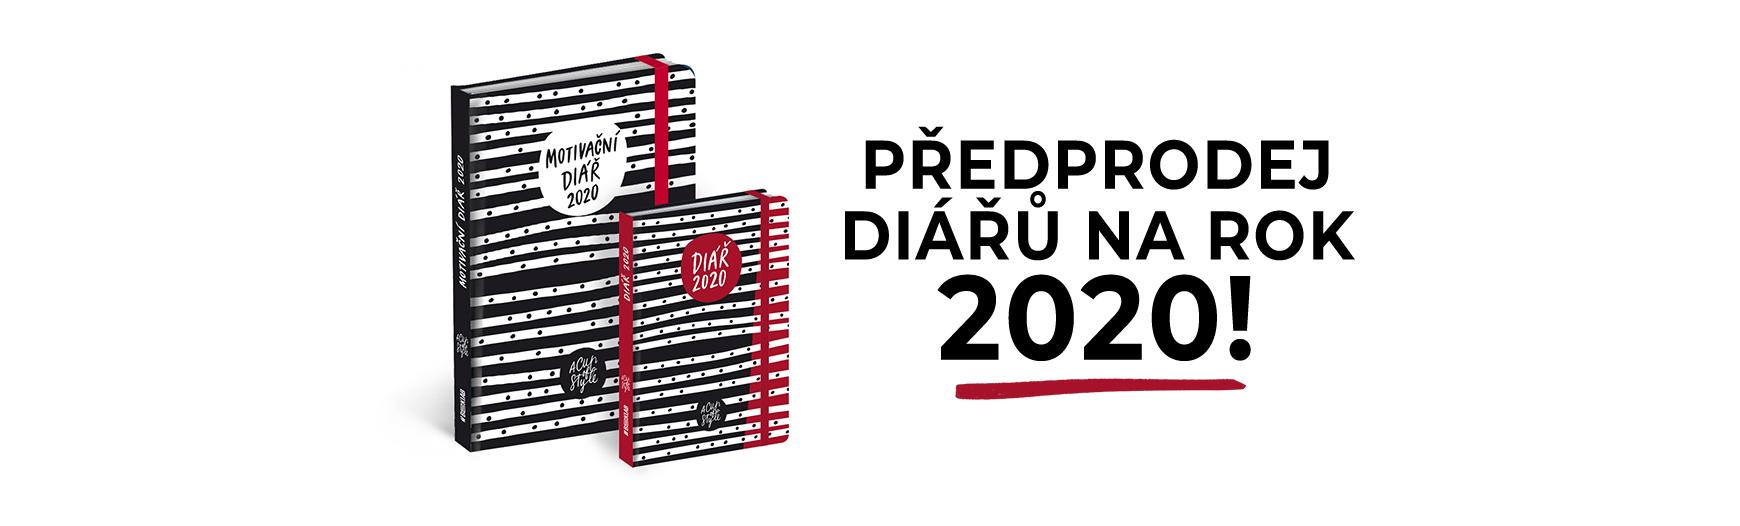 Předprodej diářů na rok 2020!